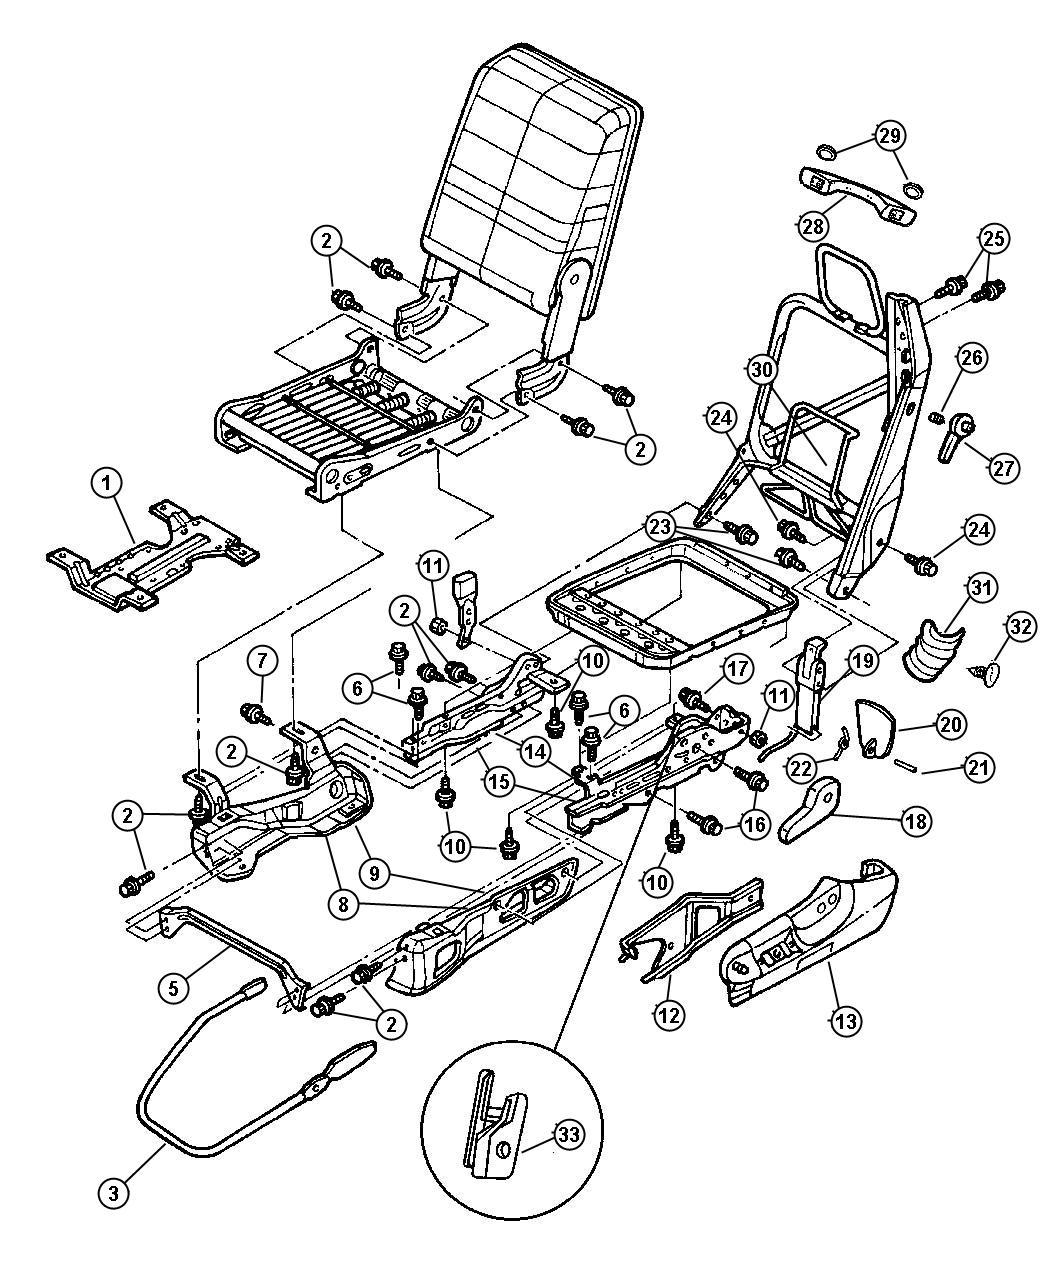 2000 Dodge Ram 2500 Shield. Driver. Seat cushion. Manual